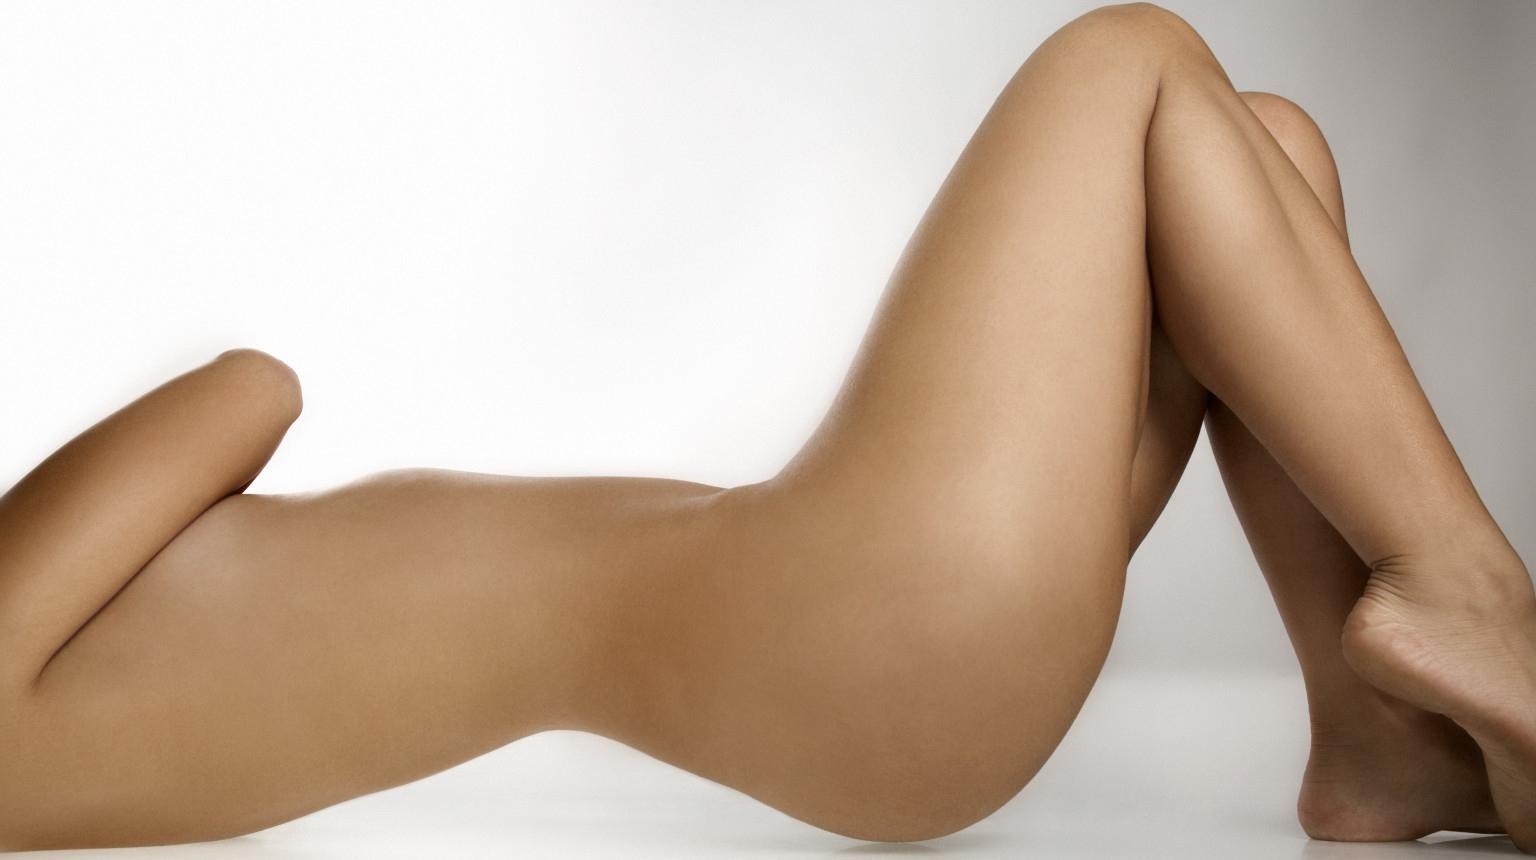 Femme nue, sans visage, allongée sur le dos.